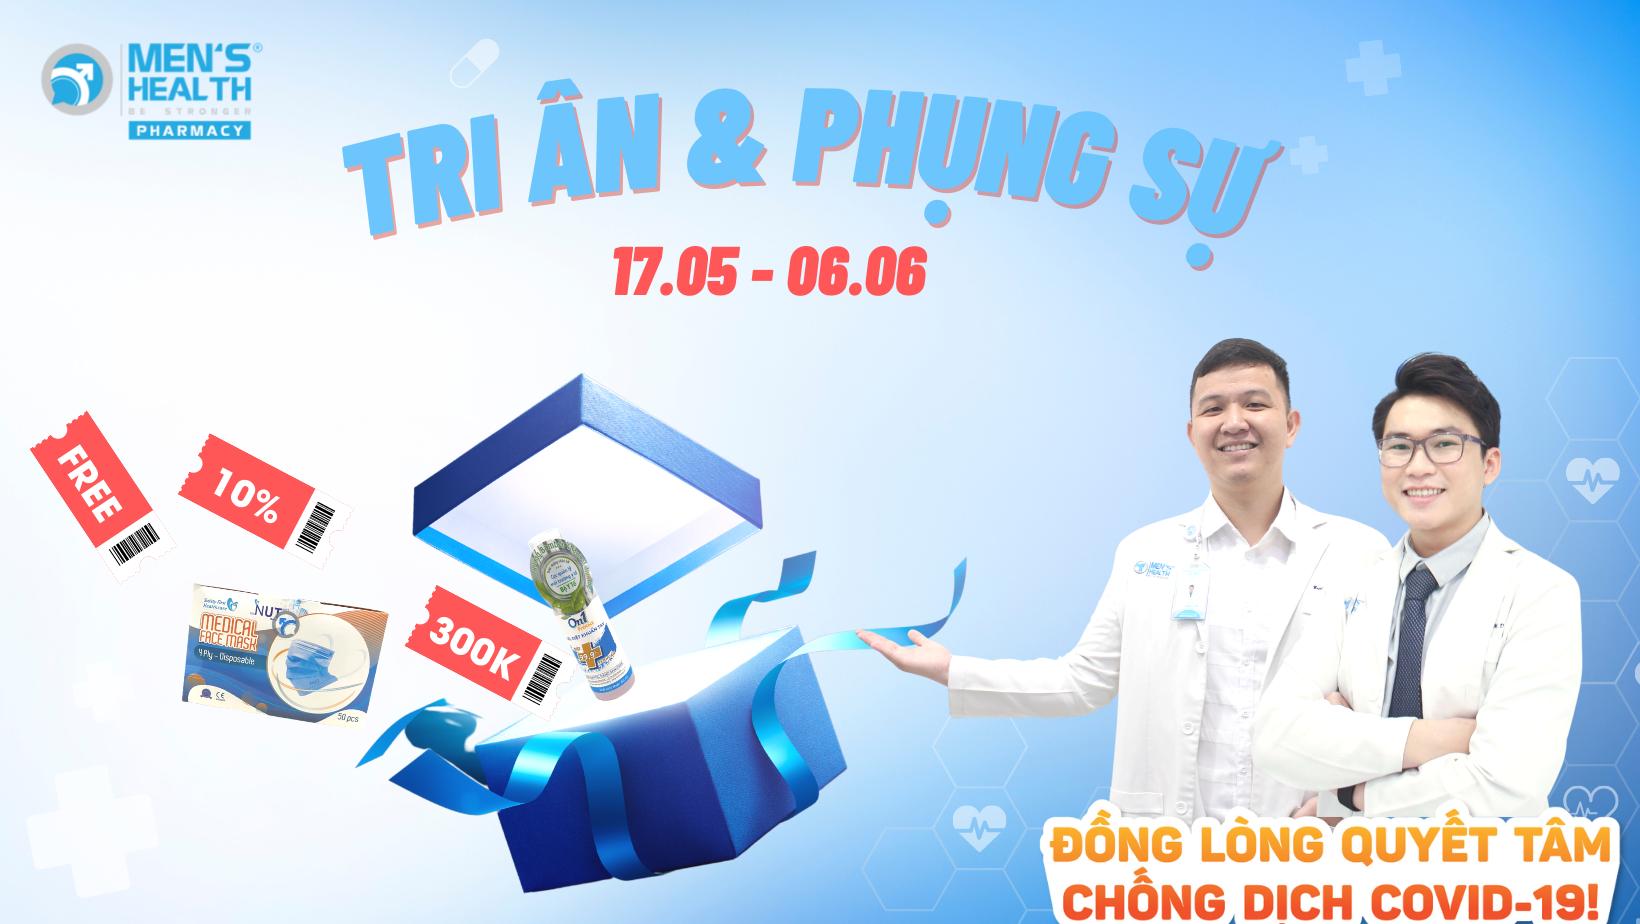 Chương trình TRI ÂN & PHỤNG SỰ phái mạnh Việt